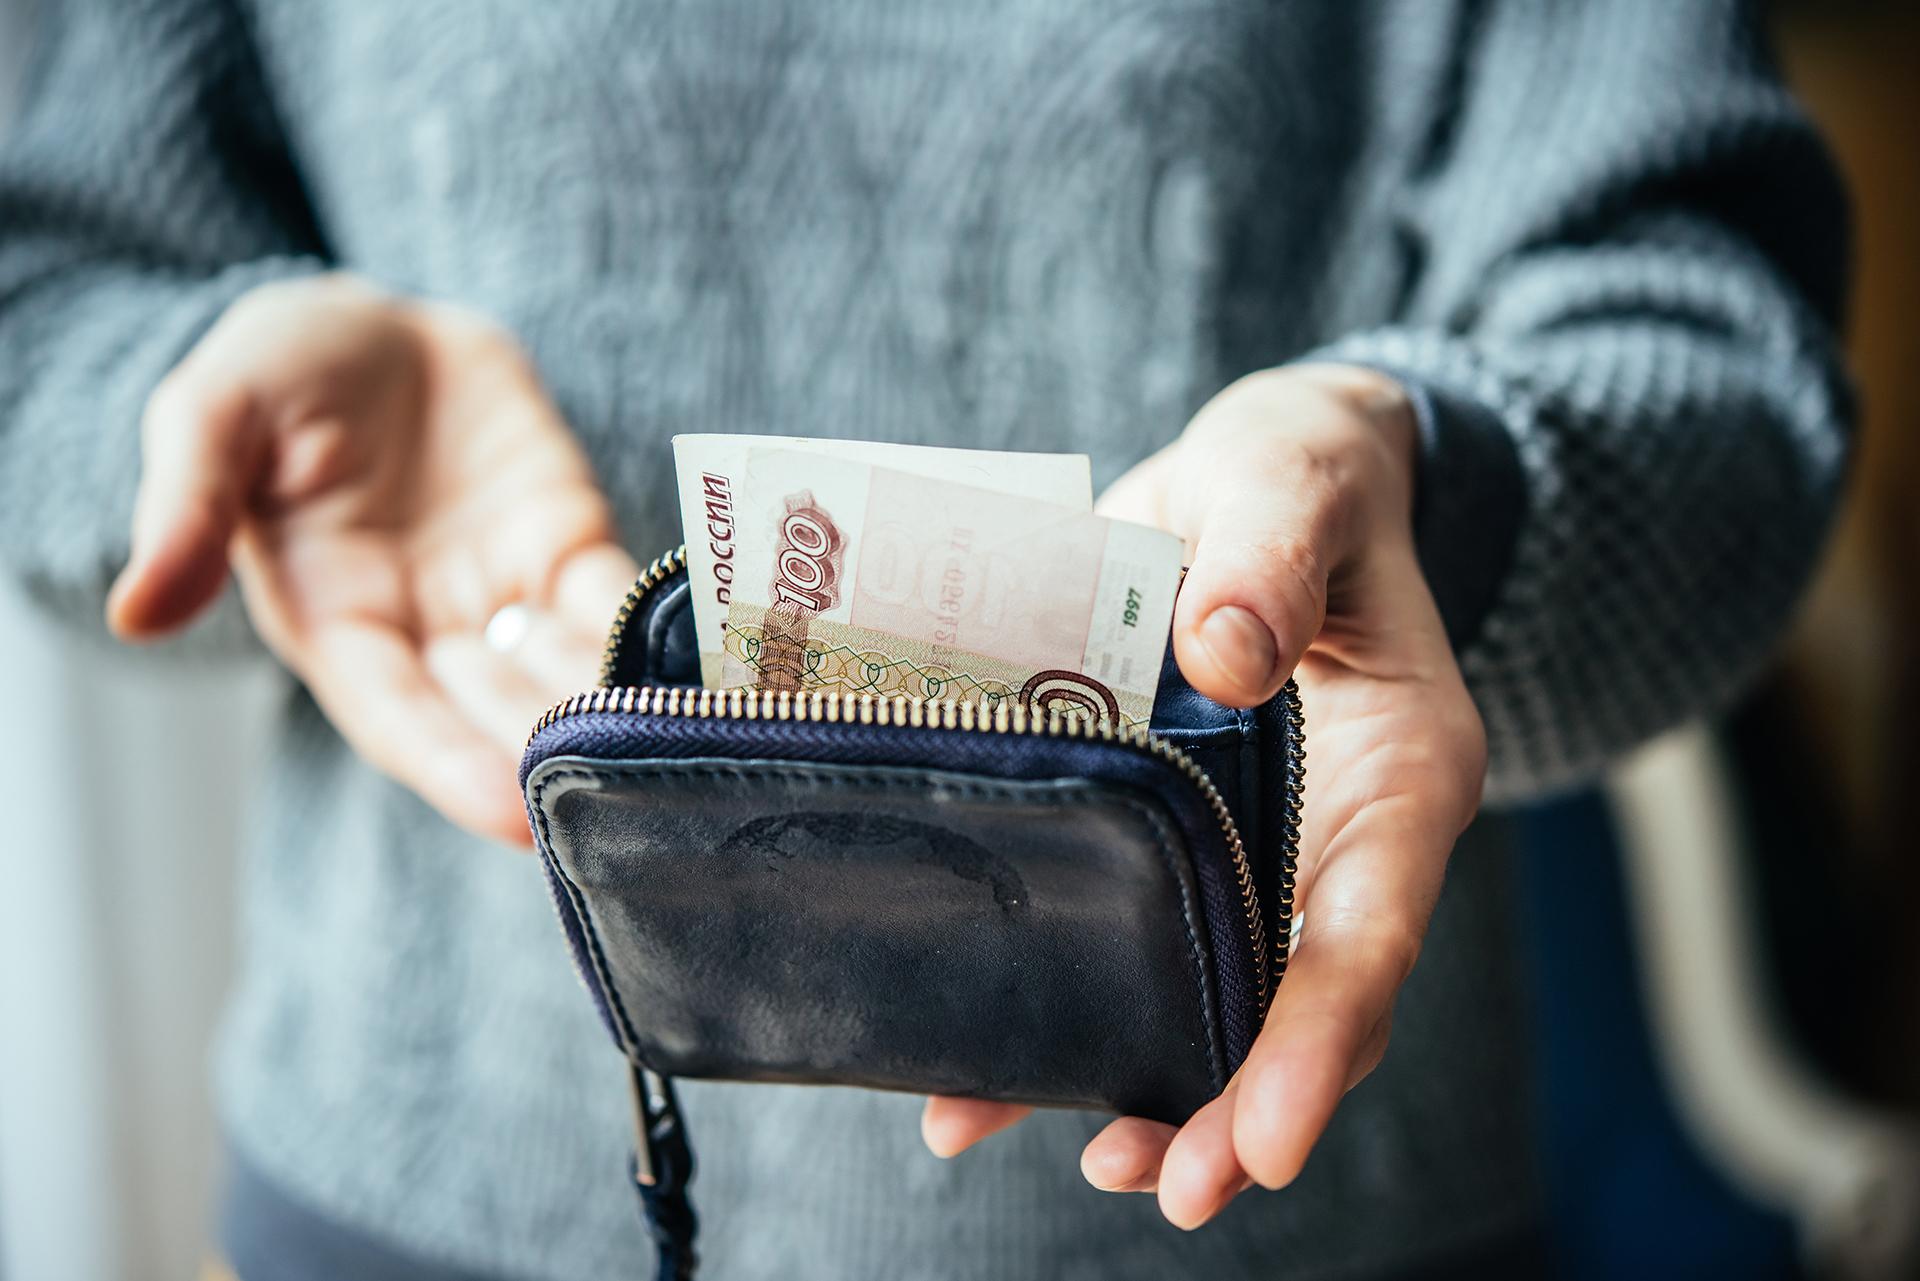 El rublo es la moneda de curso legal de la Federación de Rusia. Se encuentra en circulación en forma de billetes de 5 (casi desaparecido), 10, 50, 100, 500, 1000 y 5000 rublos (Getty Images)